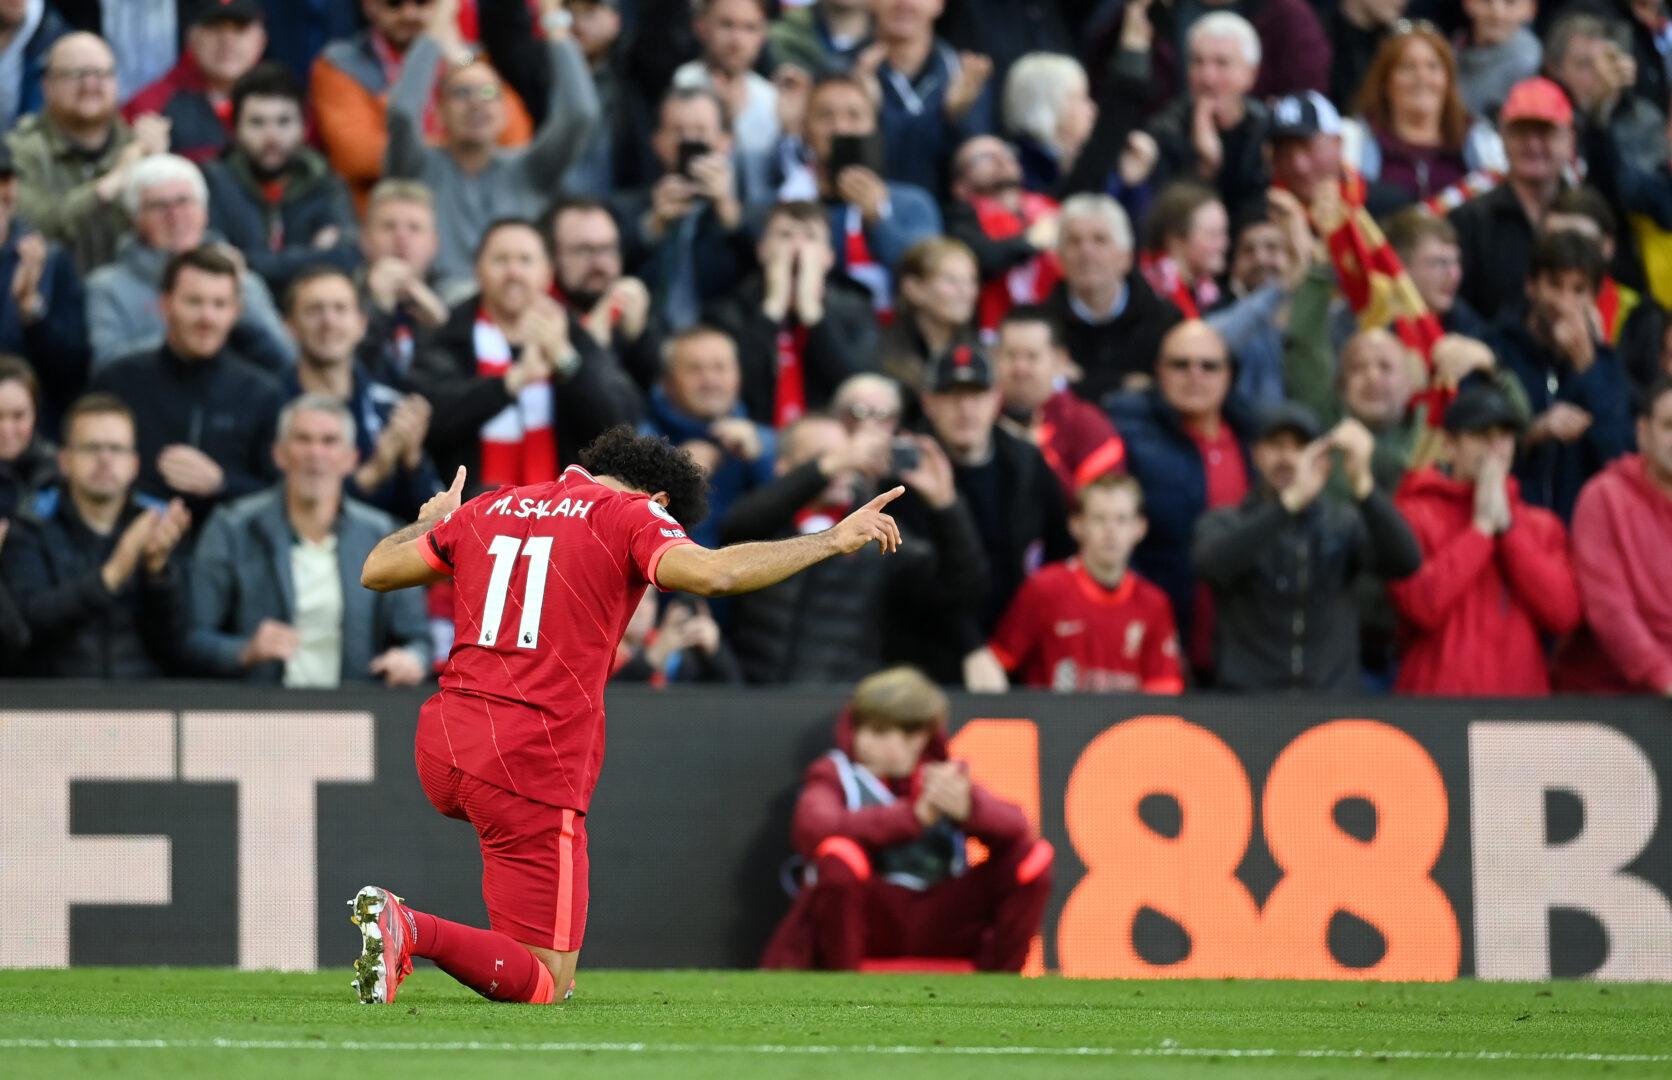 Mo Salah feiert sein Tor zum 2:1 des FC Liverpool über Manchester City